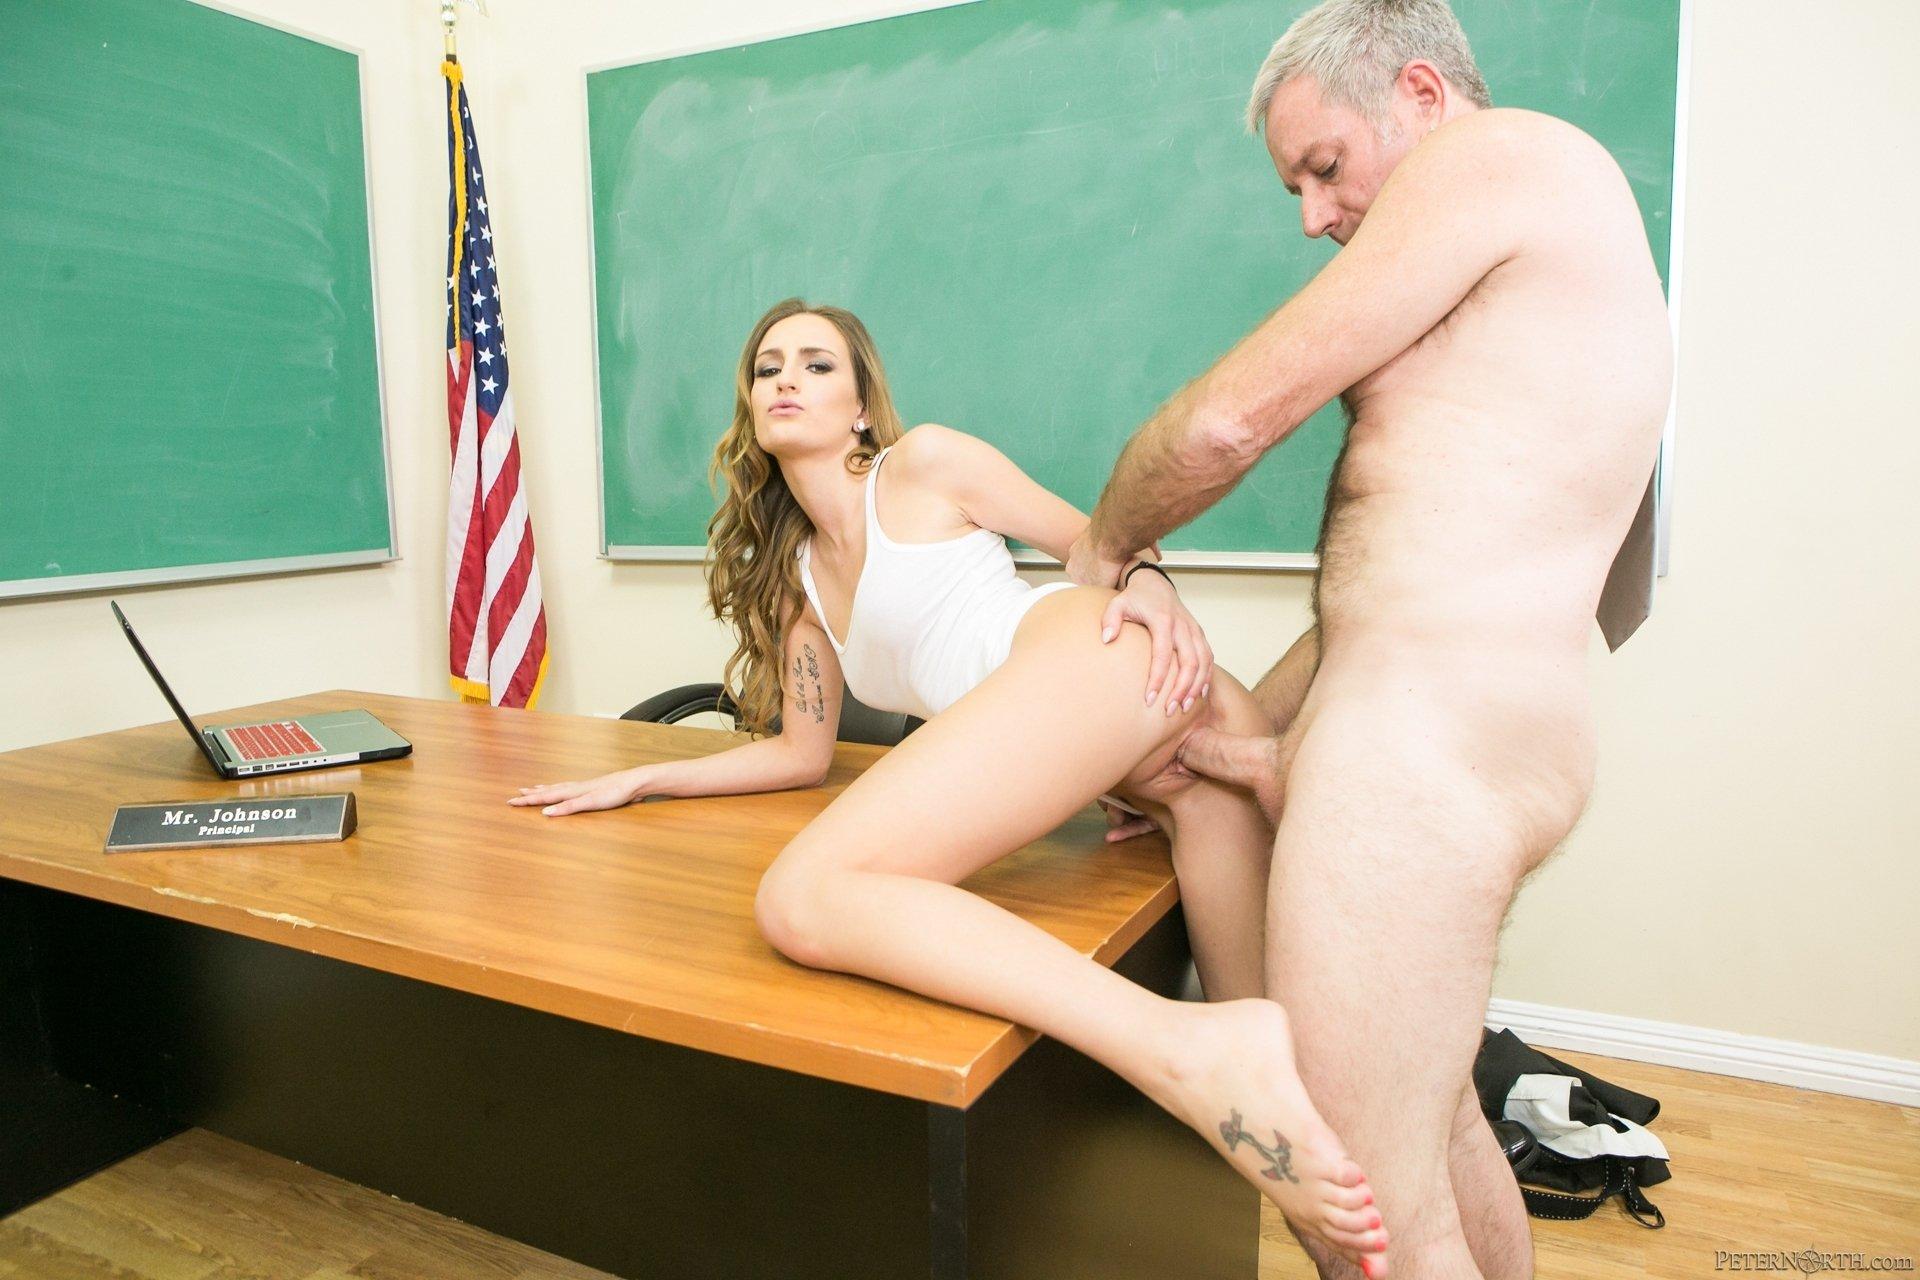 Русское порно физрук трахнул ученицу, Физрук трахнул учениц в спортзале института - смотреть 7 фотография